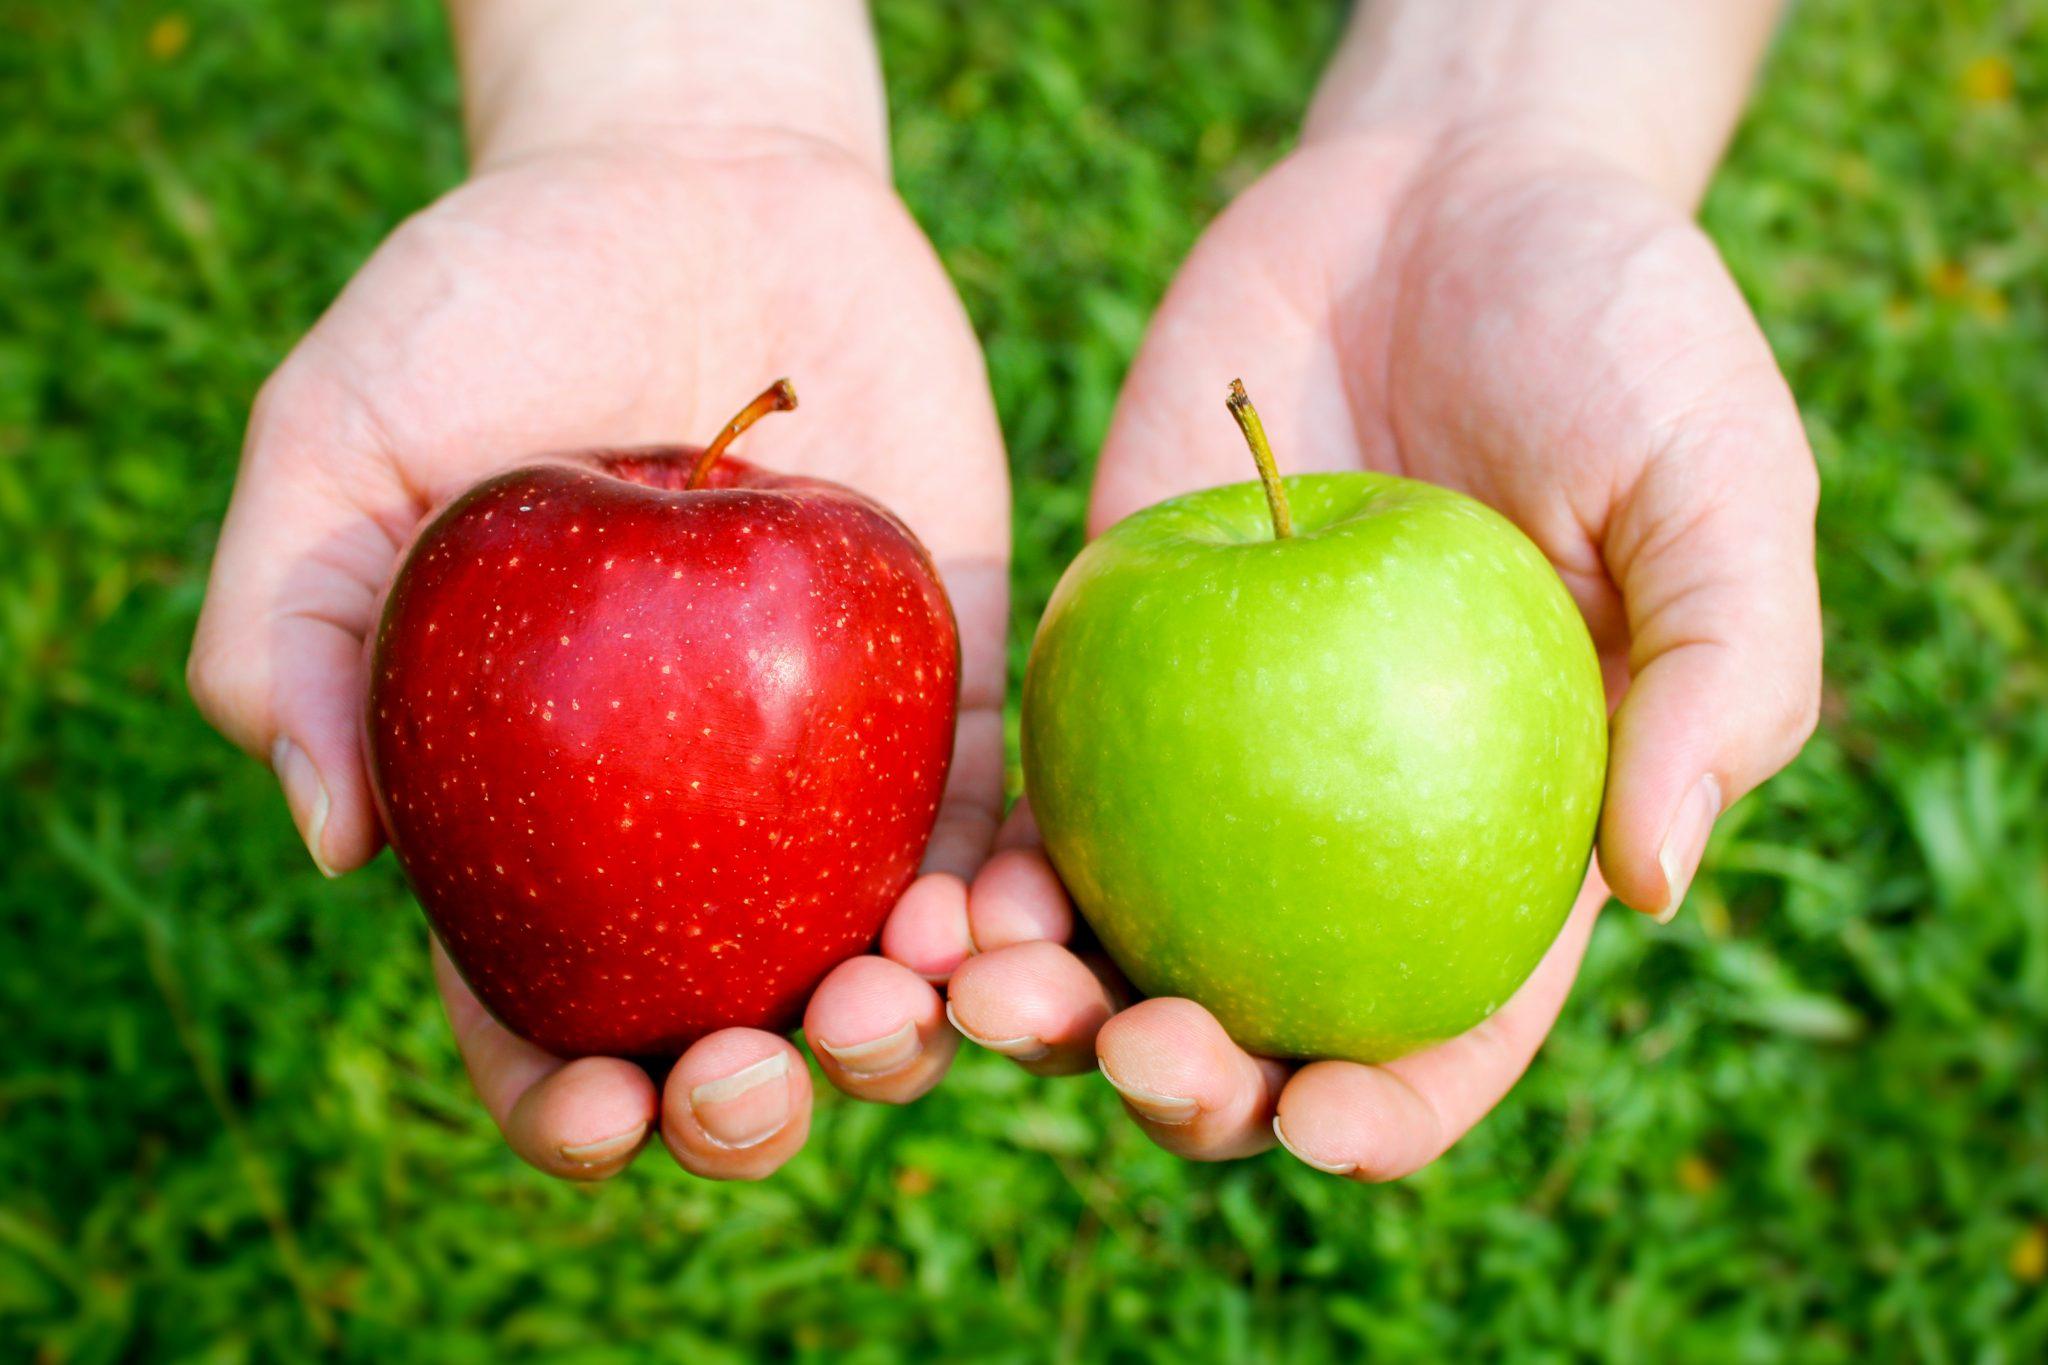 赤いリンゴと青りんごを持っている人